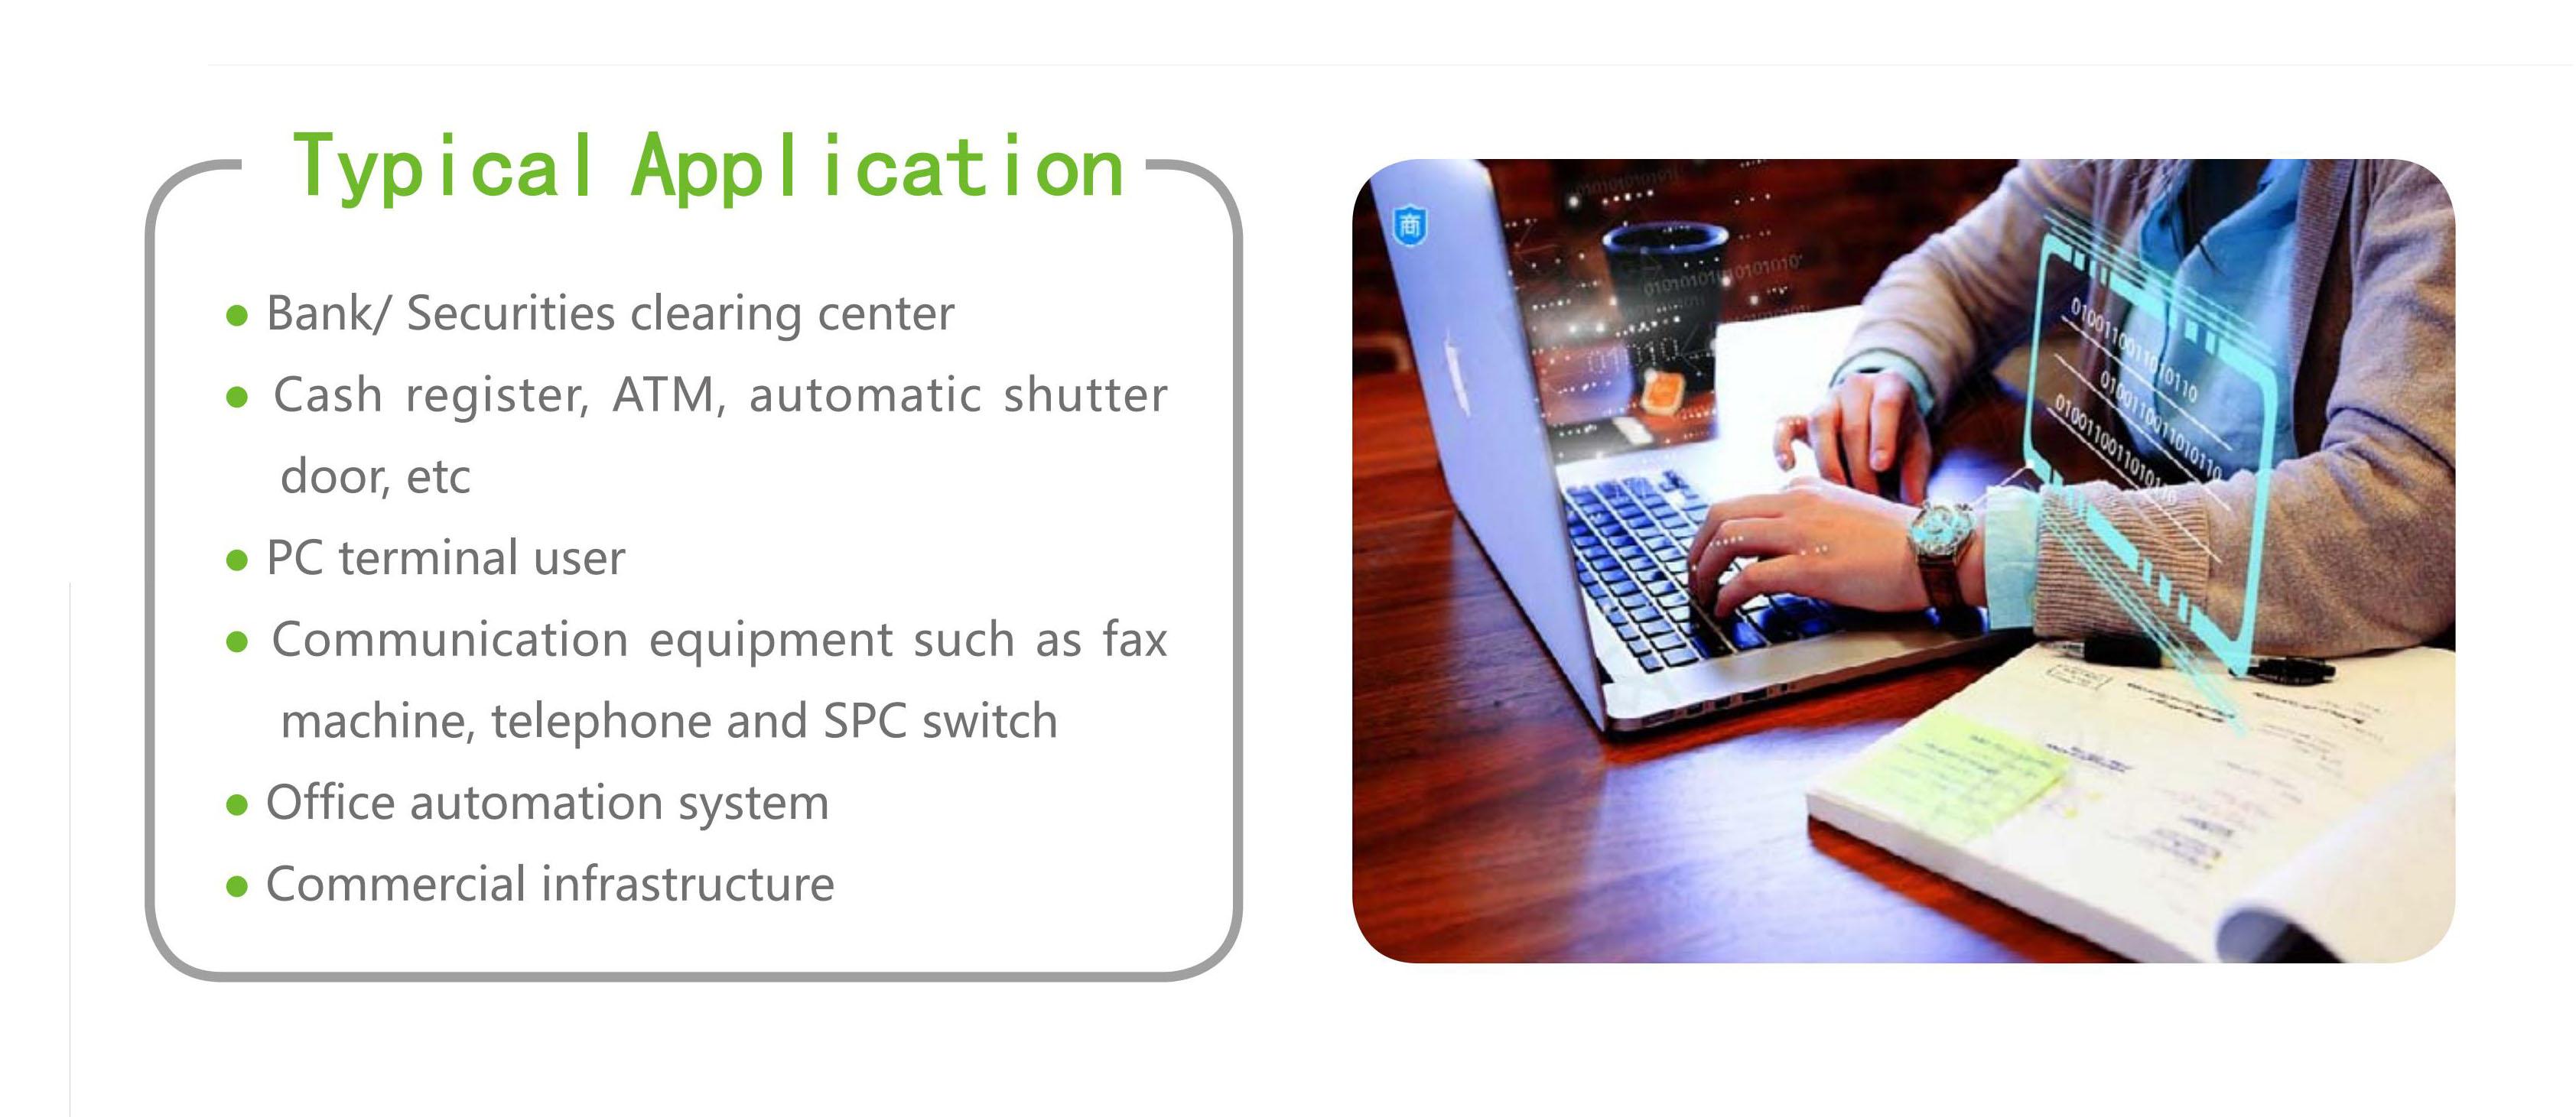 1kva 2kva 3 kva 6kva 10kva UPS price online rack mount UPS computer 4 hours uninterruptible power supply